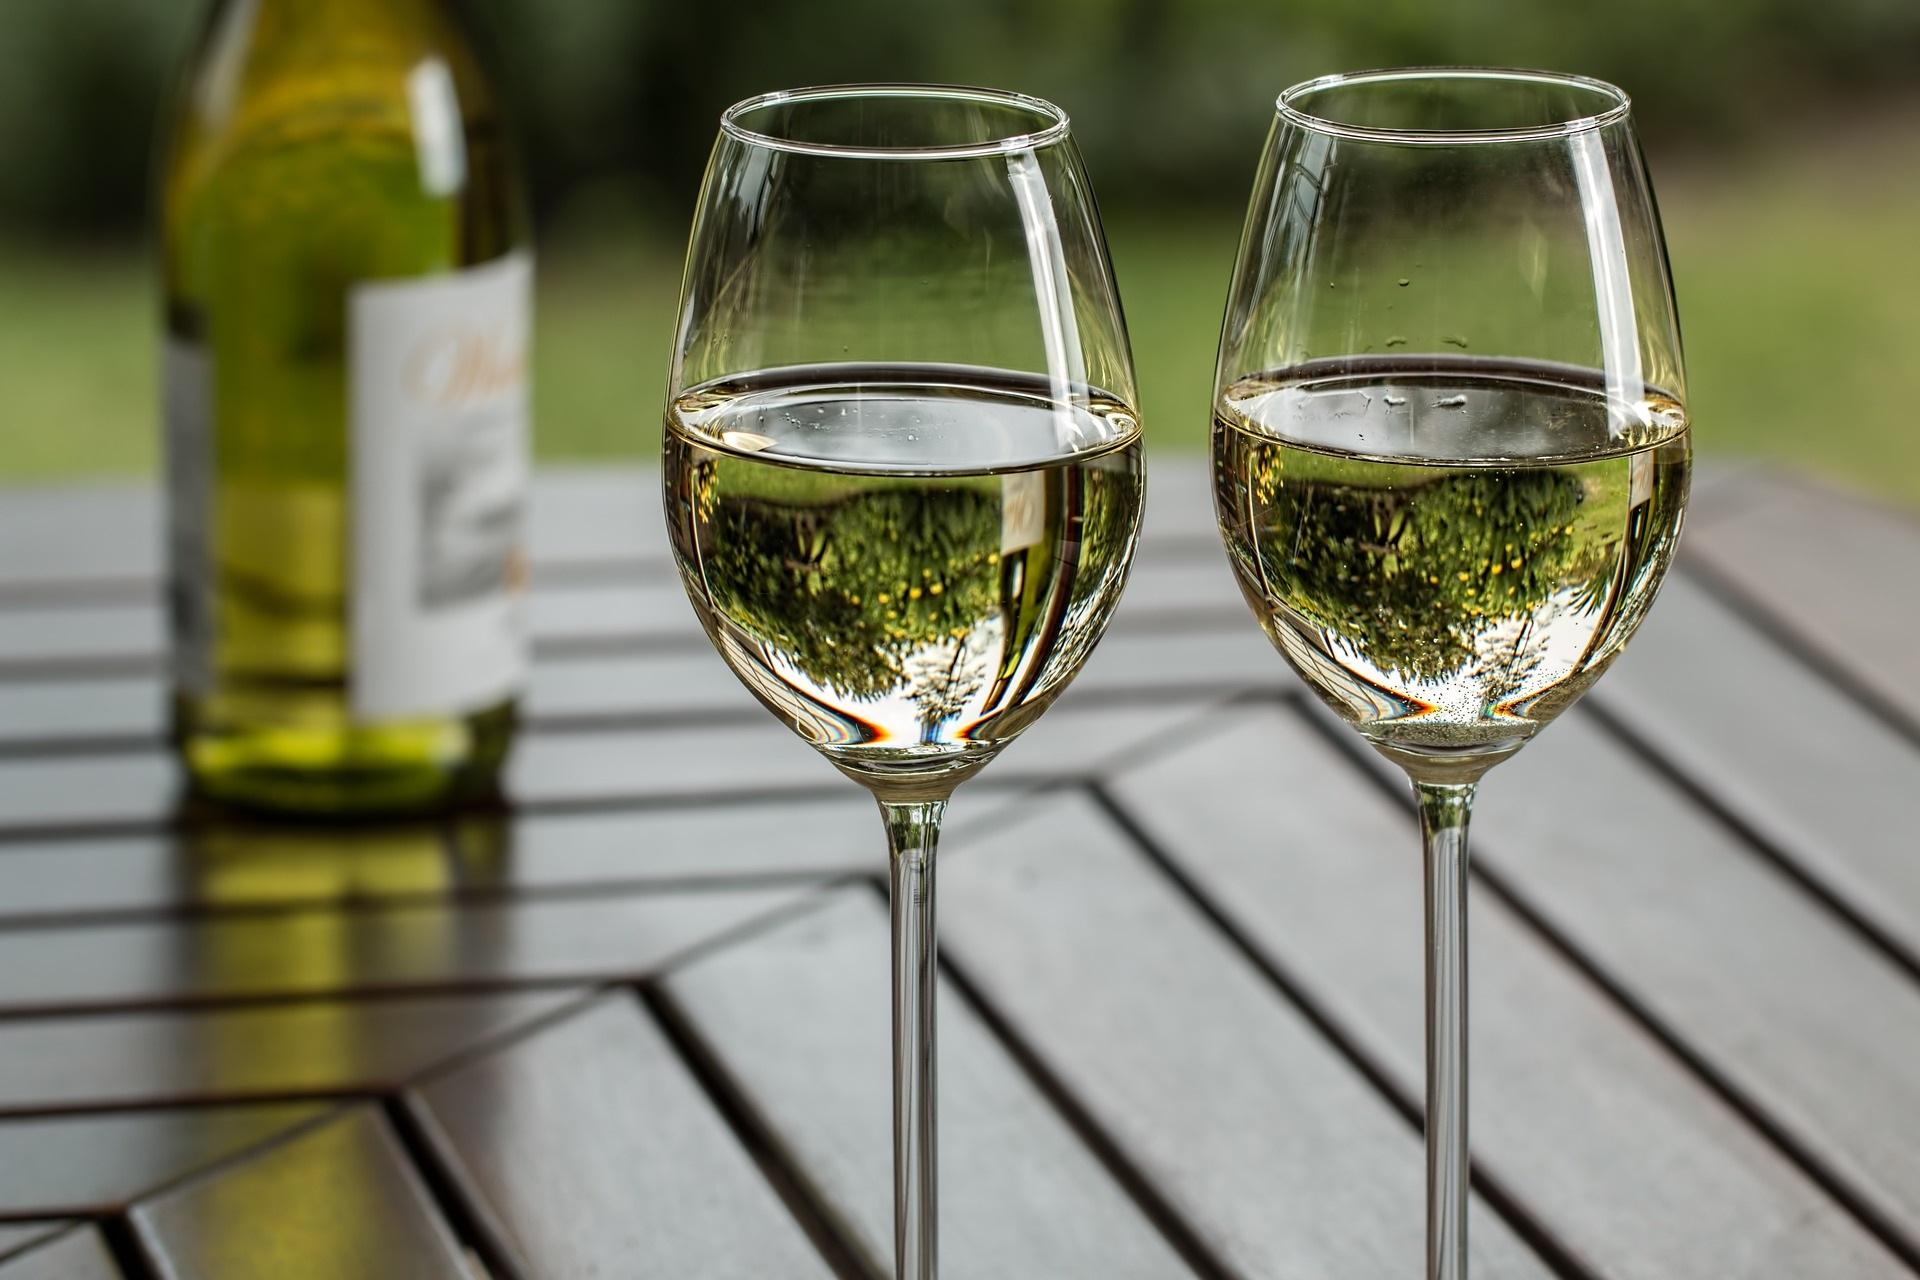 Lugana Wein: Test & Empfehlungen (07/20)